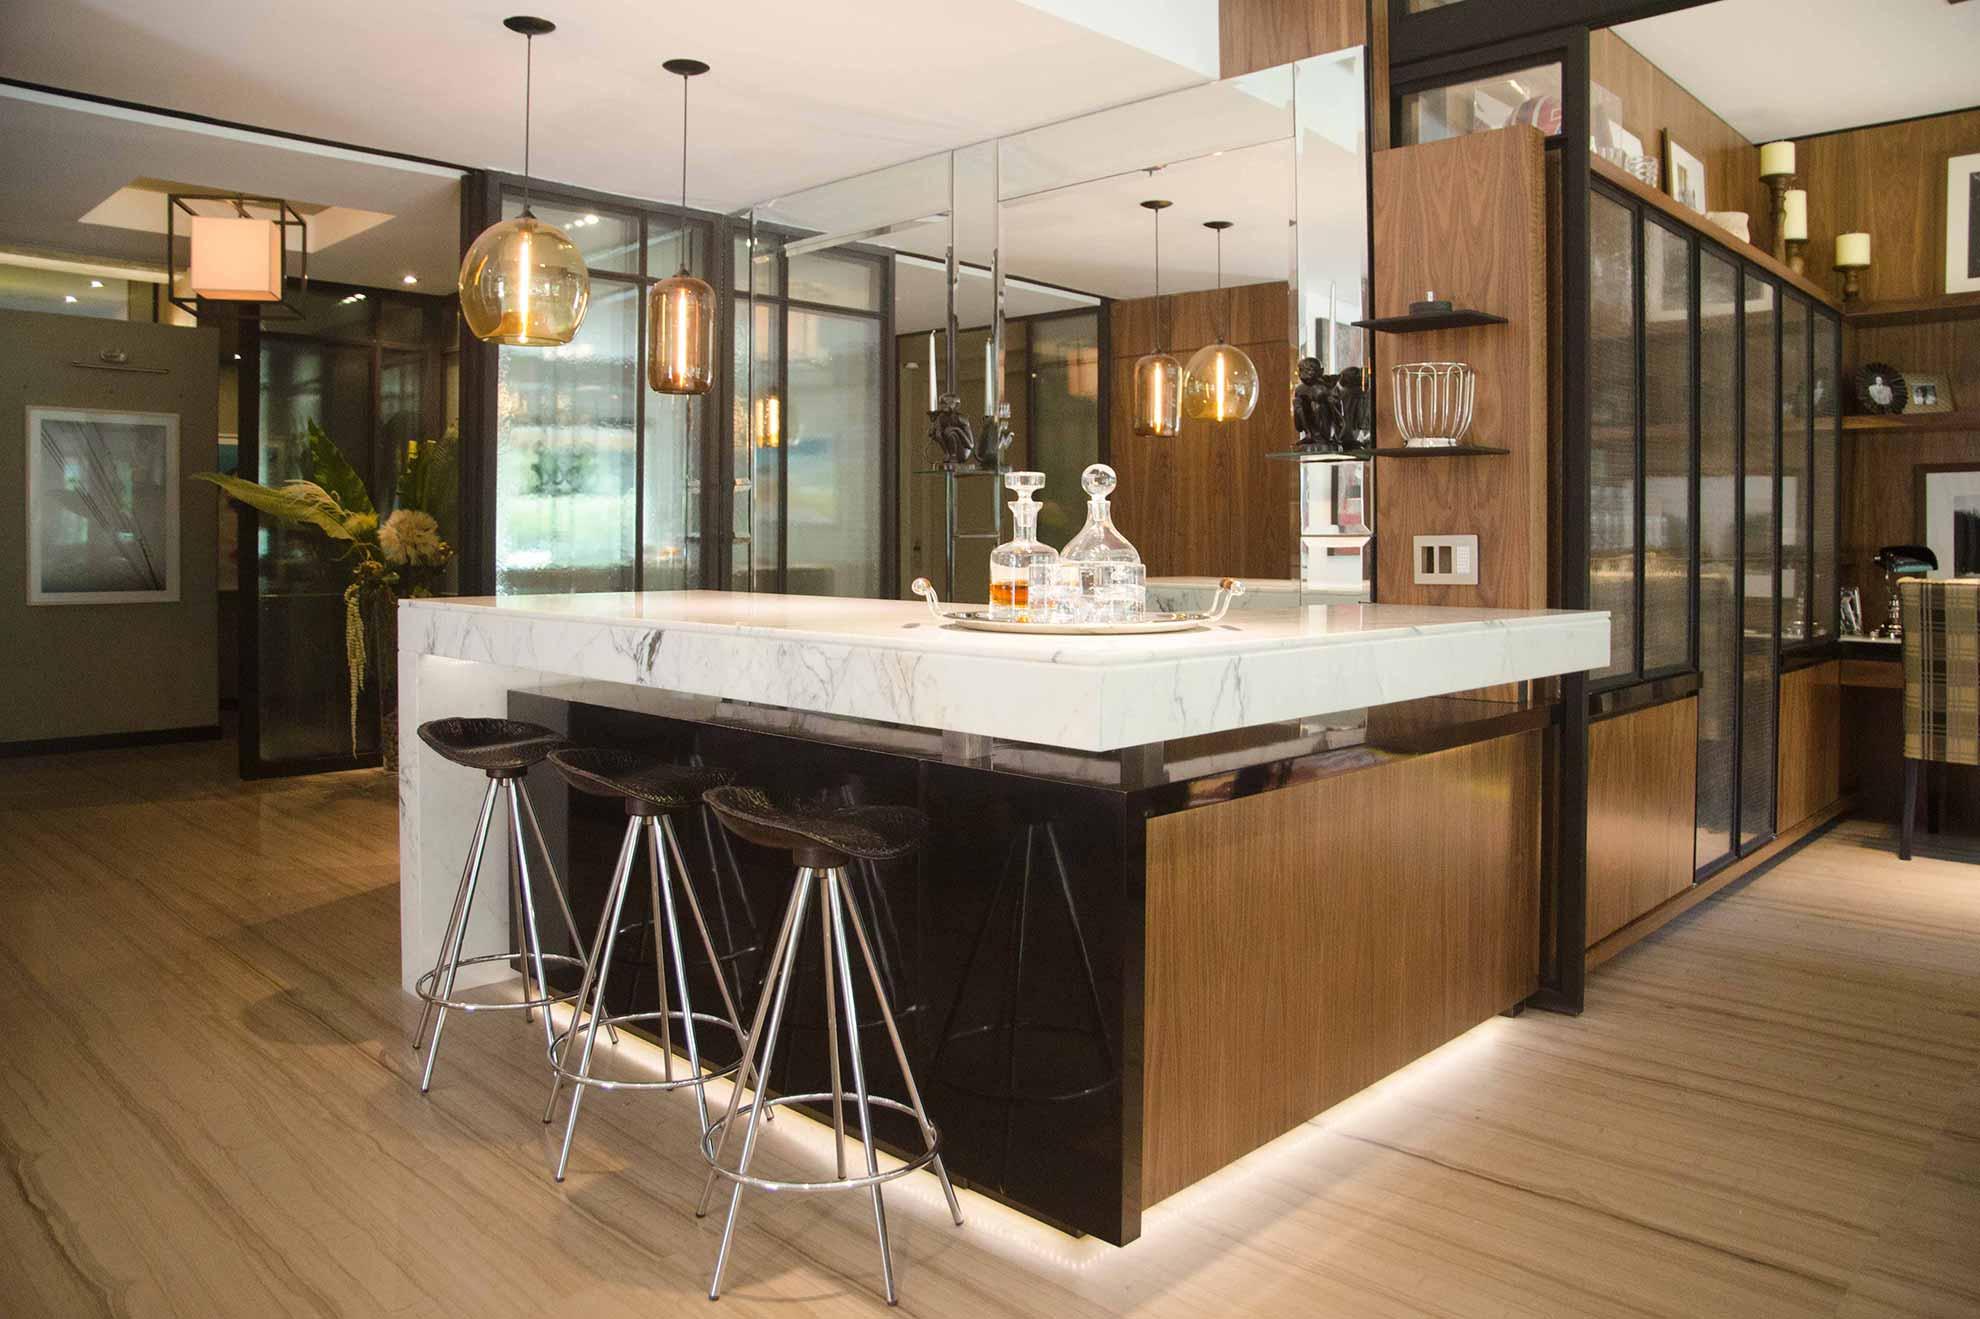 Barra de madera nogal, mármol carrova con beta negra y acero color grafito con tira de led al interior, bar con espejo anticado atrás, puertas de vidrio anticado y malla de gallinero